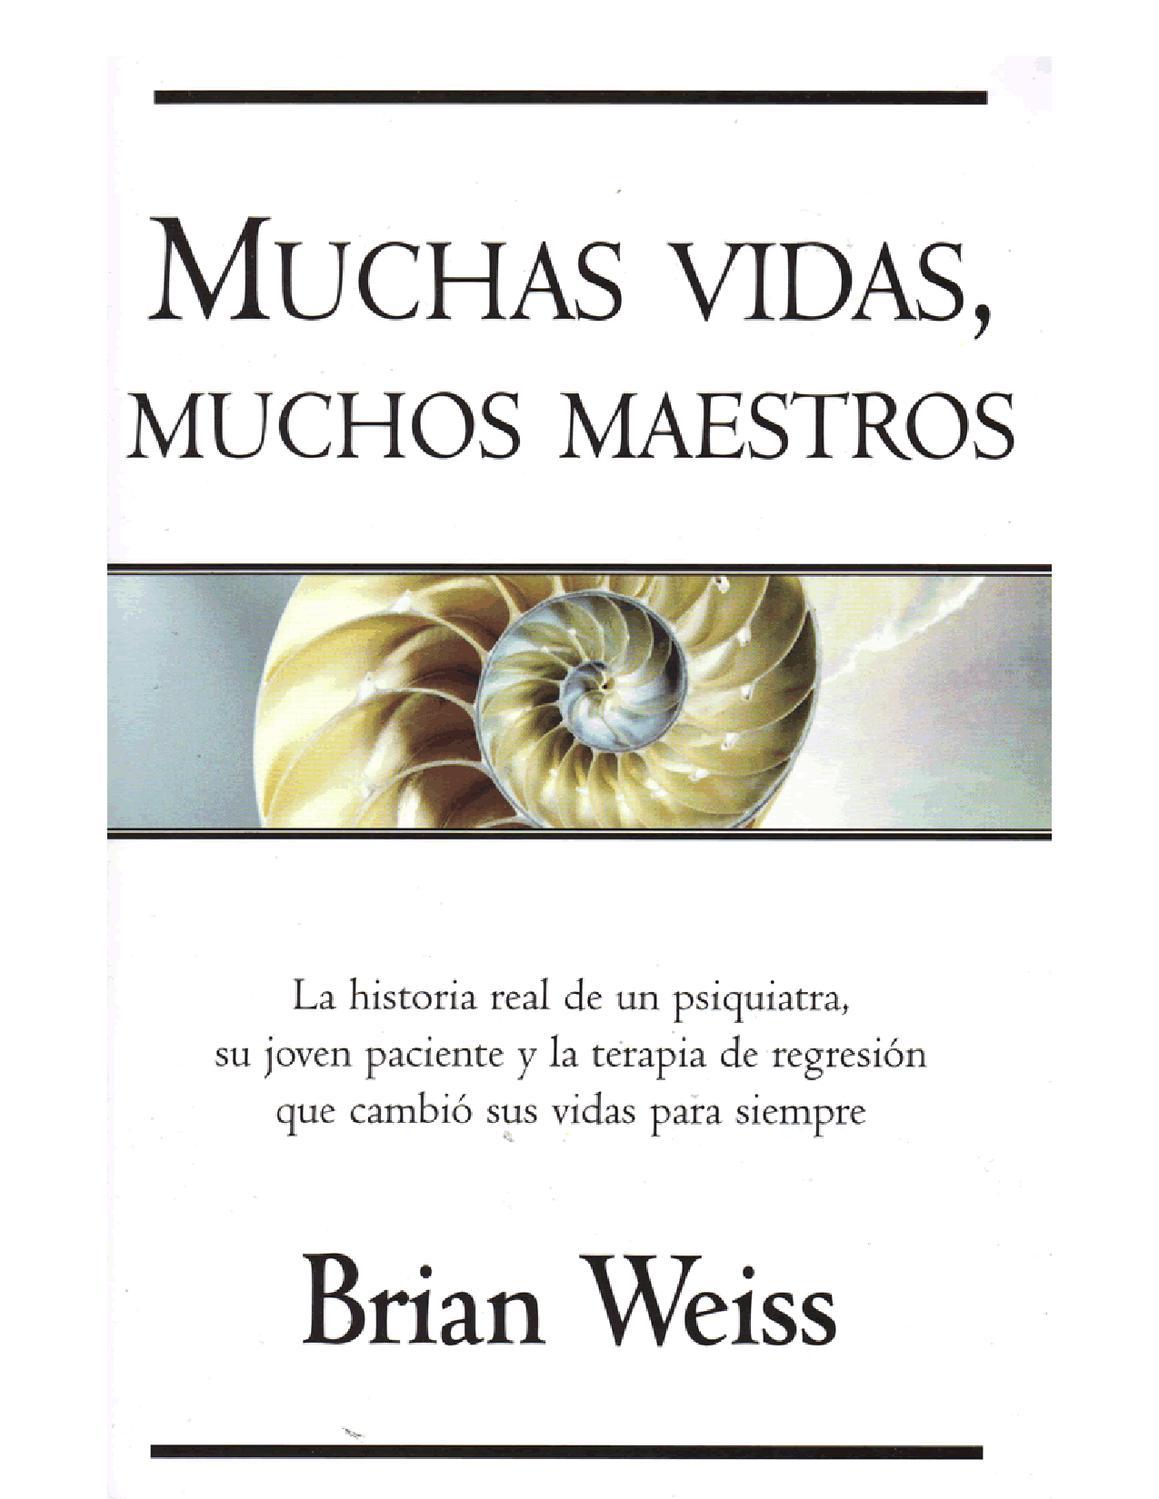 muchas vidas muchos maestros by Ines Miranda - issuu